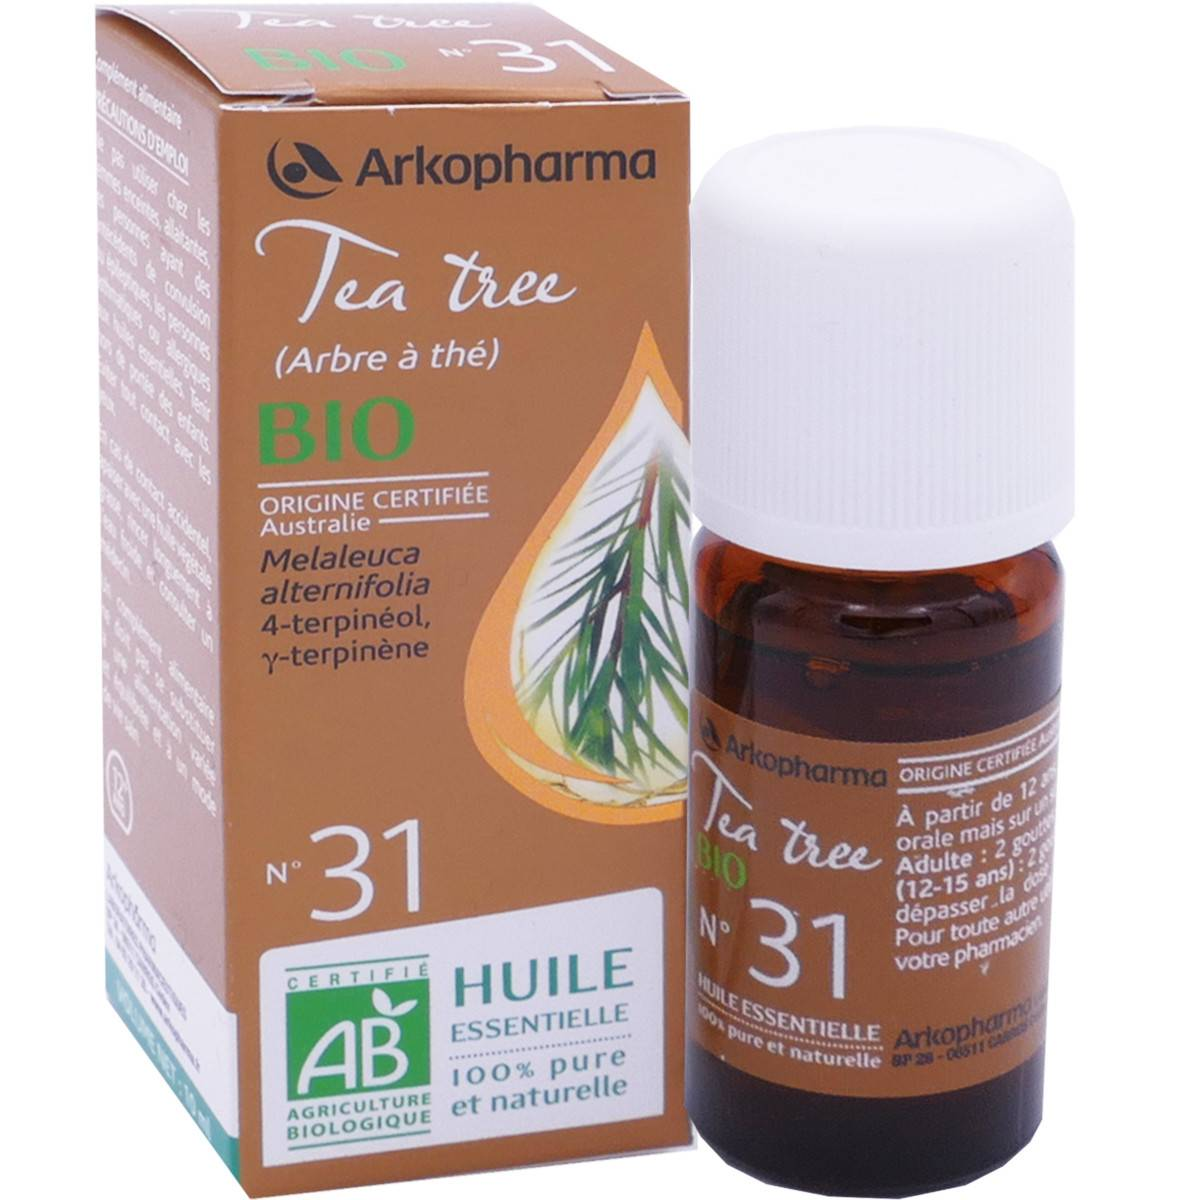 Arkopharma tea tree bio n°31 10 ml